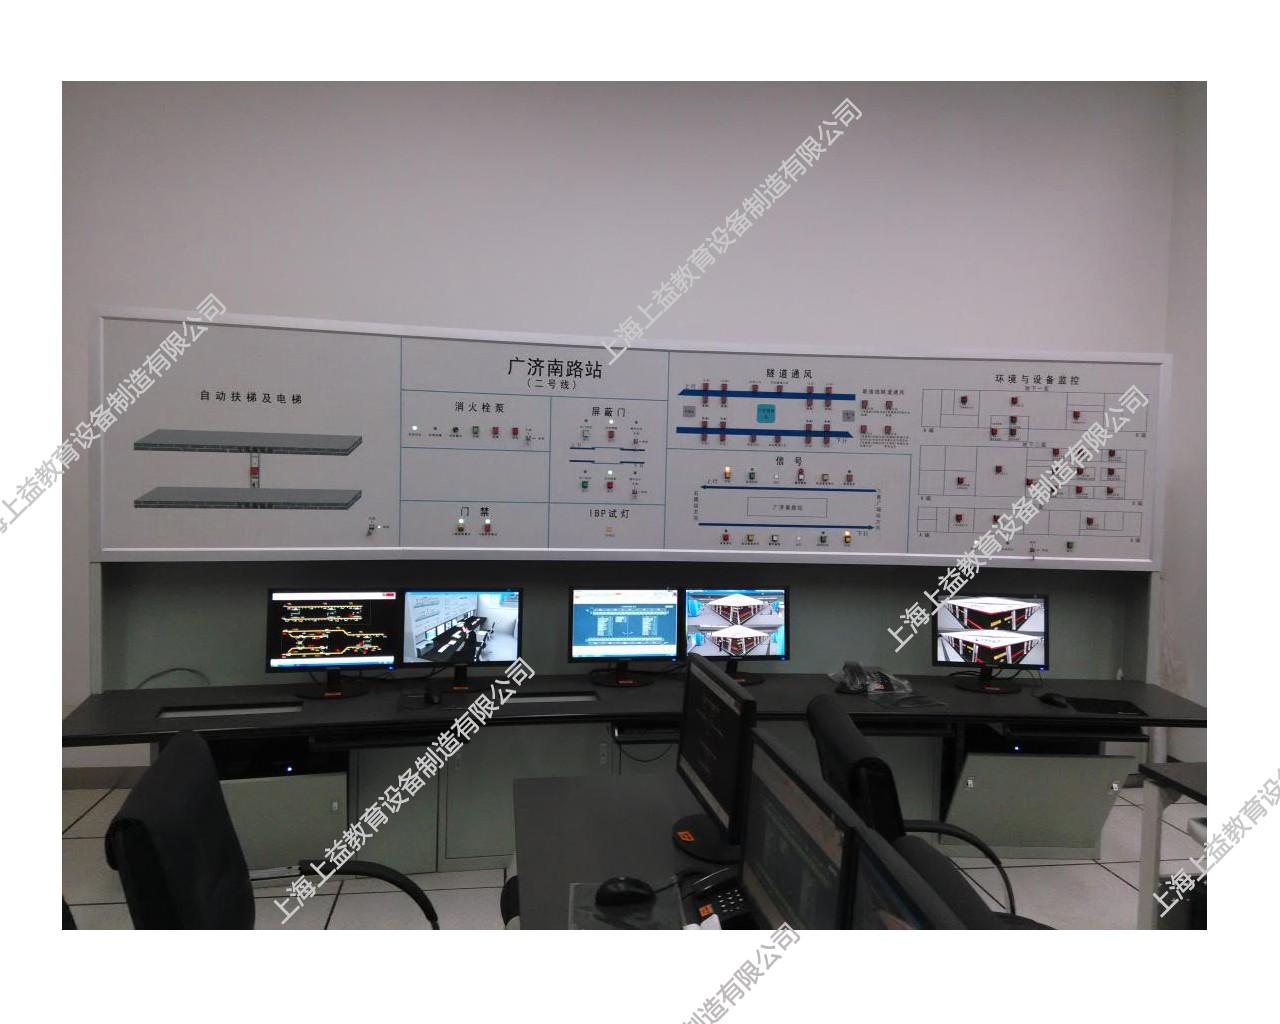 城市轨道交通wwwlehu8vip系统